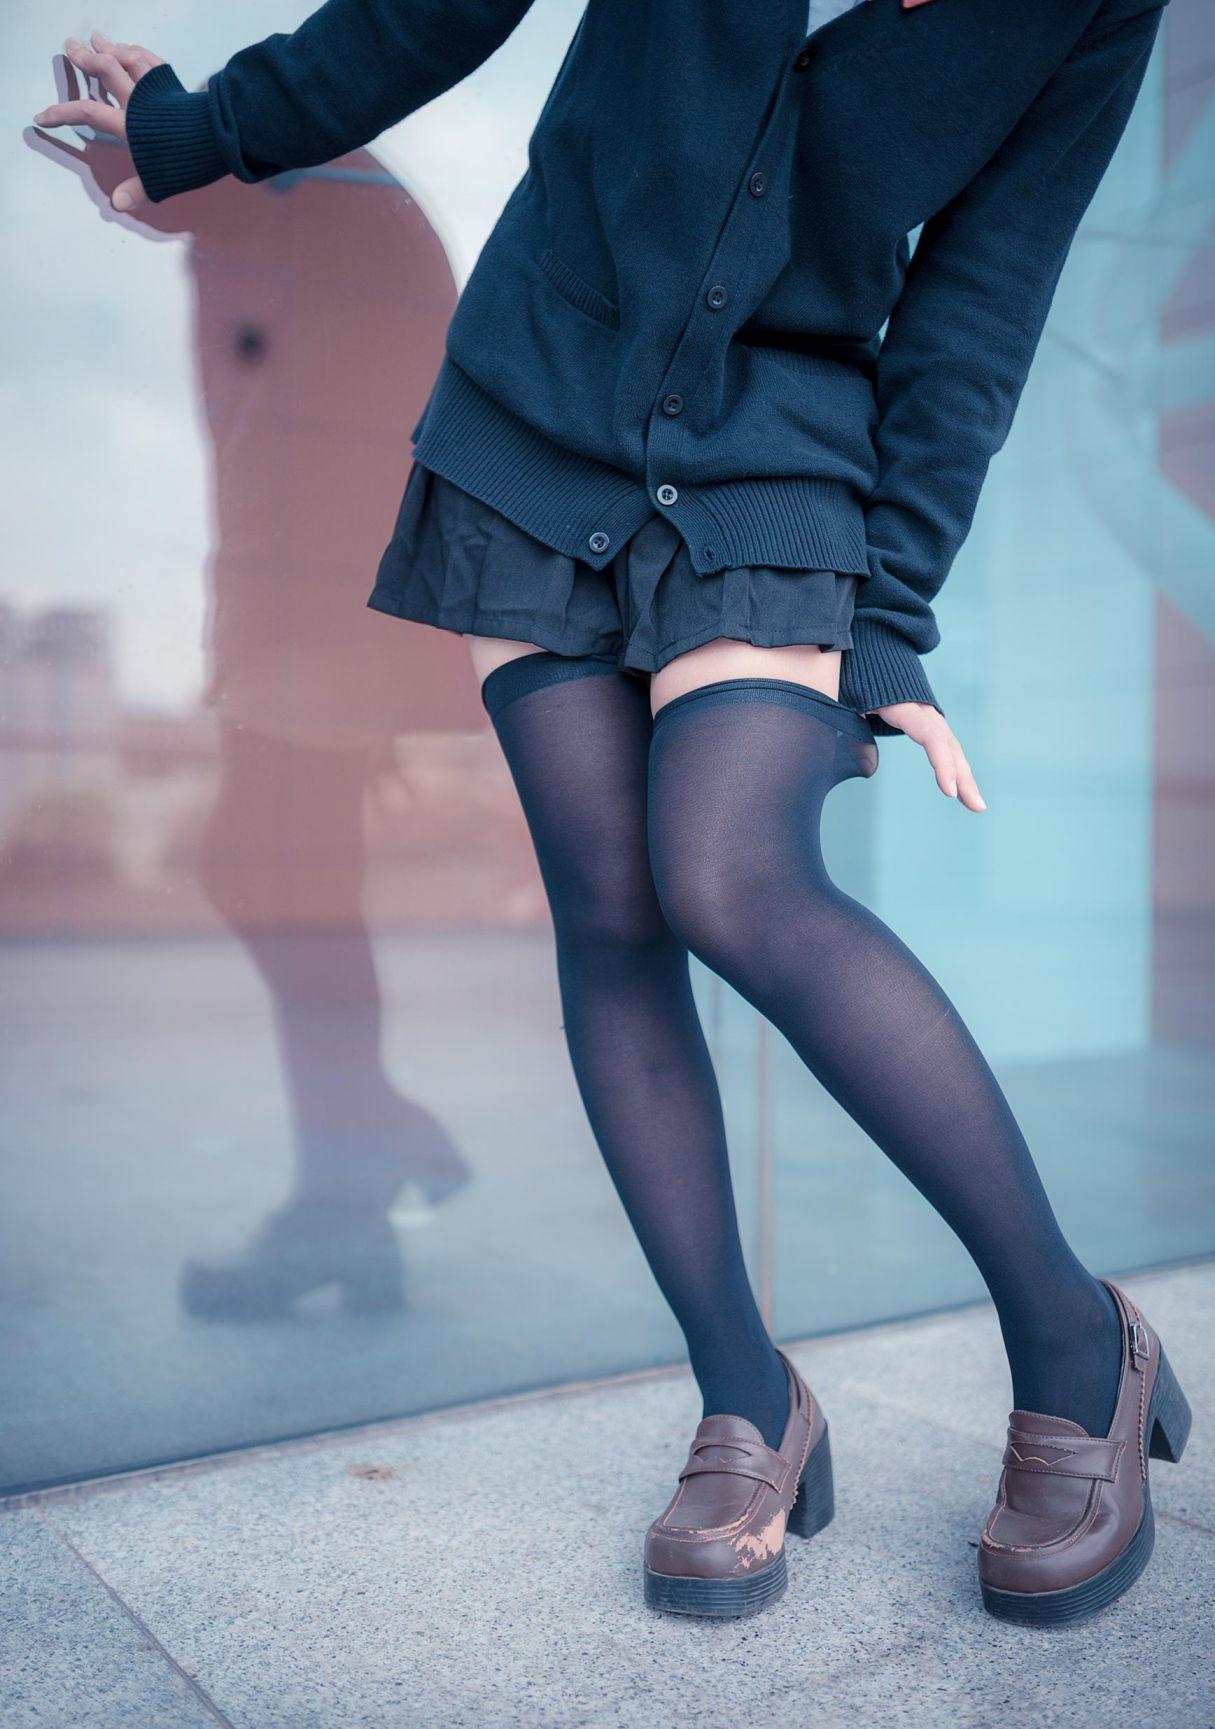 【领域少女】黑丝袜女孩2018-05-21